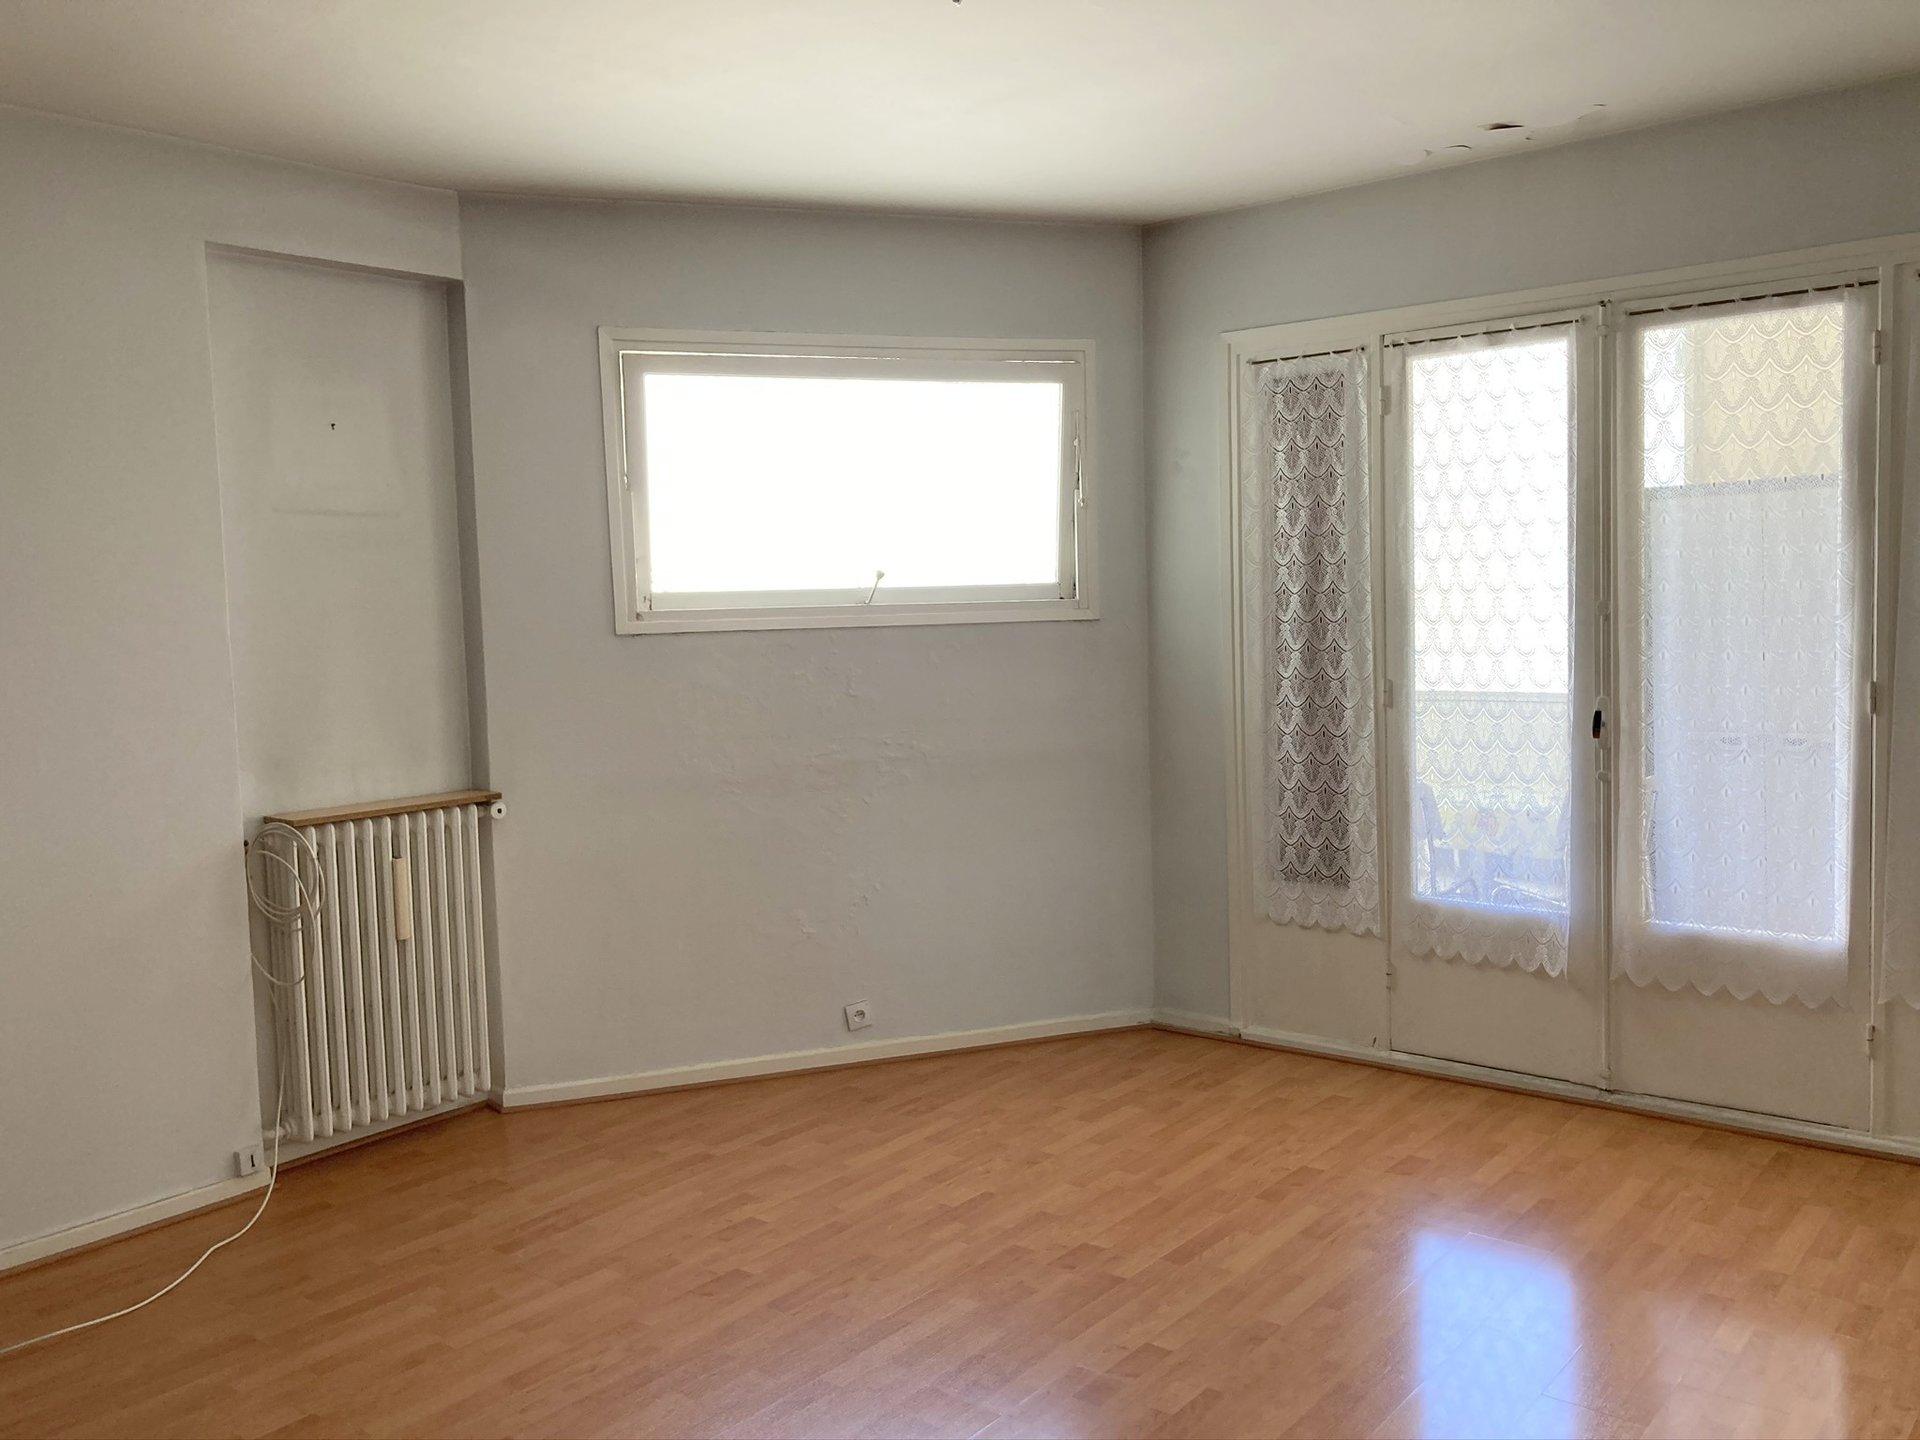 location Nice, studio 32.68m² situé proche quartier Libération